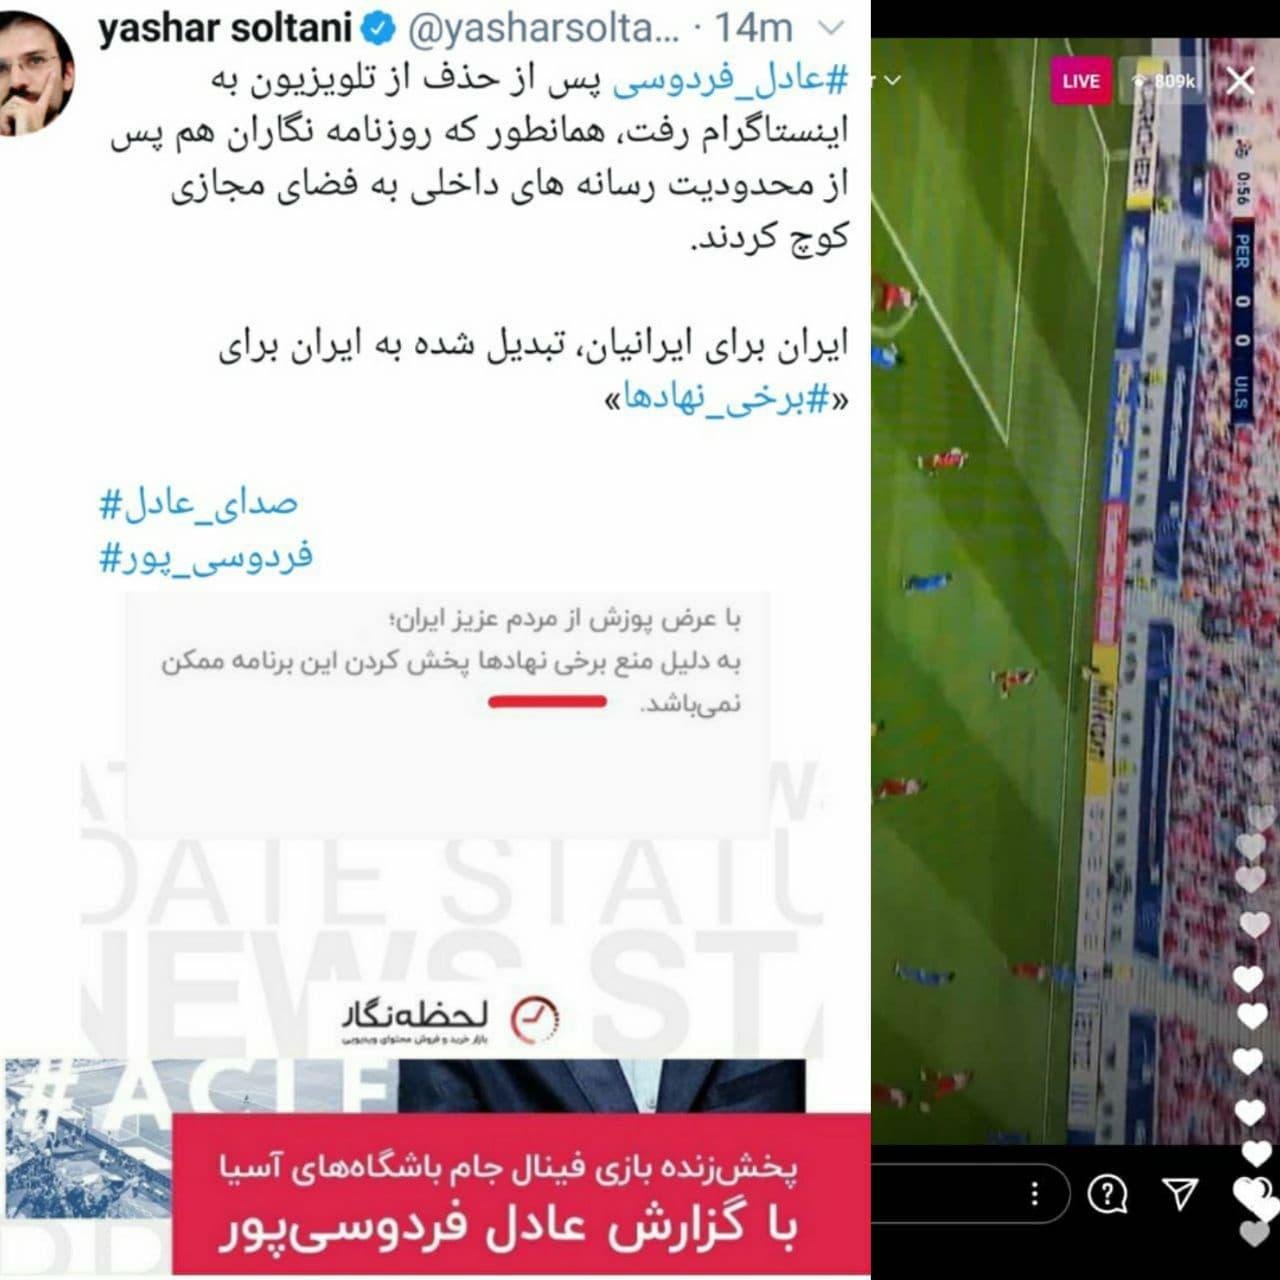 واکنش یاشار سلطانی به ممانعت برخی نهادها از پخش دیدار فینال لیگ قهرمانان با گزارش عادل فردوسی پور